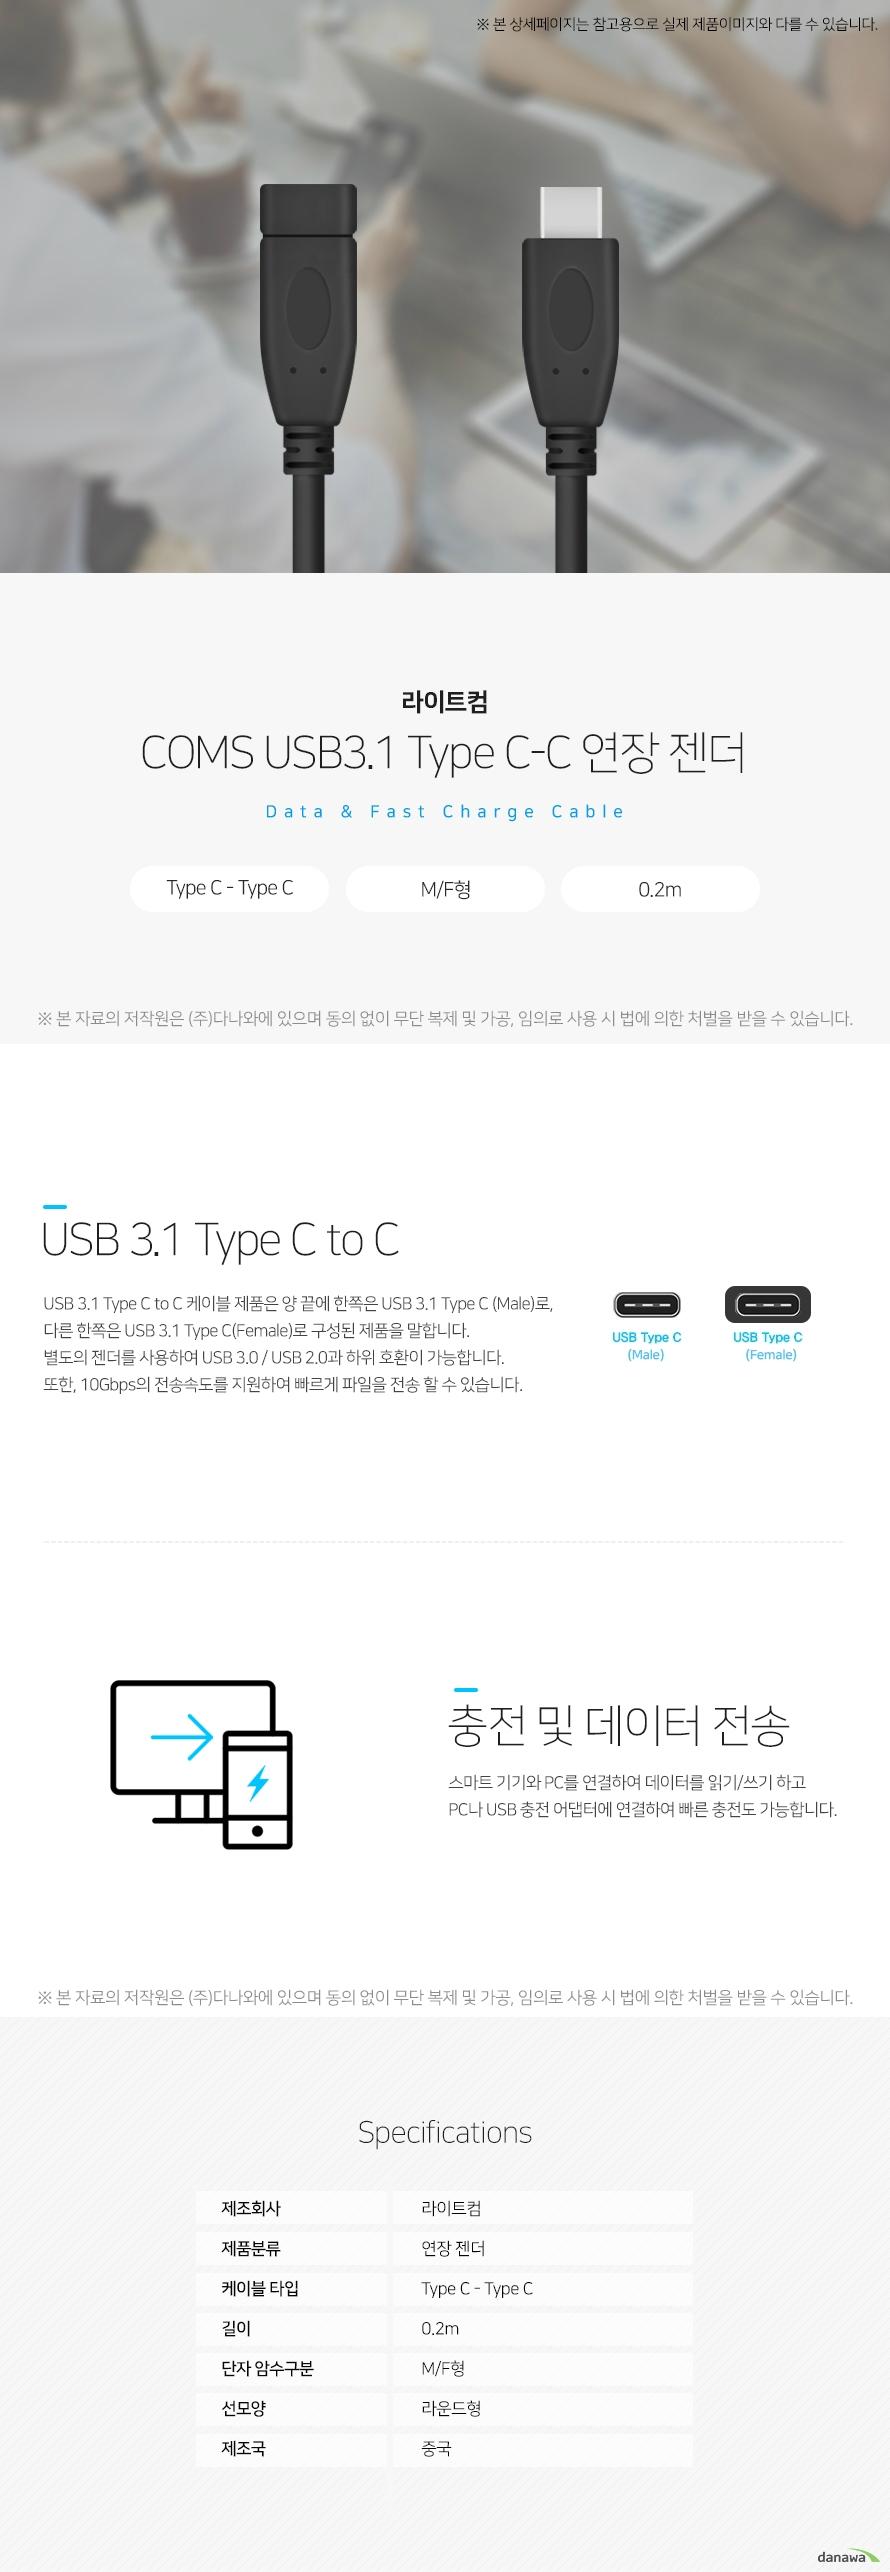 라이트컴 COMS USB3.1 Type C-C 연장 젠더 데이터 앤 패스트 차지 케이블 USB 3.1 Type C to C USB 3.1 Type C to C 케이블 제품은 양 끝에 한쪽은 USB 3.1 Typc C(Male)로, 다른 한  쪽은 USB 3.1 Type C(Female)로 구성된 제품을 말합니다. 별도의 젠더를 사용하여 USB 3.0/USB 2.0과 하위 호환이 가능합니다. 또한, 10Gbps의 전송속도를 지원하여 빠르게 파일을 전송할 수 있습니다. 충전 및 데이터 전송 스마크 기기와 PC를 연결하여 데이터를 읽기/쓰기 하고 PC나 USB 충전 어댑터에 연결  하여 빠른 충전도 가능합니다. 스펙 제조회사 라이트컴 제품분류 연장 젠더 케이블타입 Type C- Type C 길이 0.2m 단자 암수 구분 M/F형 선모양 라운드형 제조국 중국